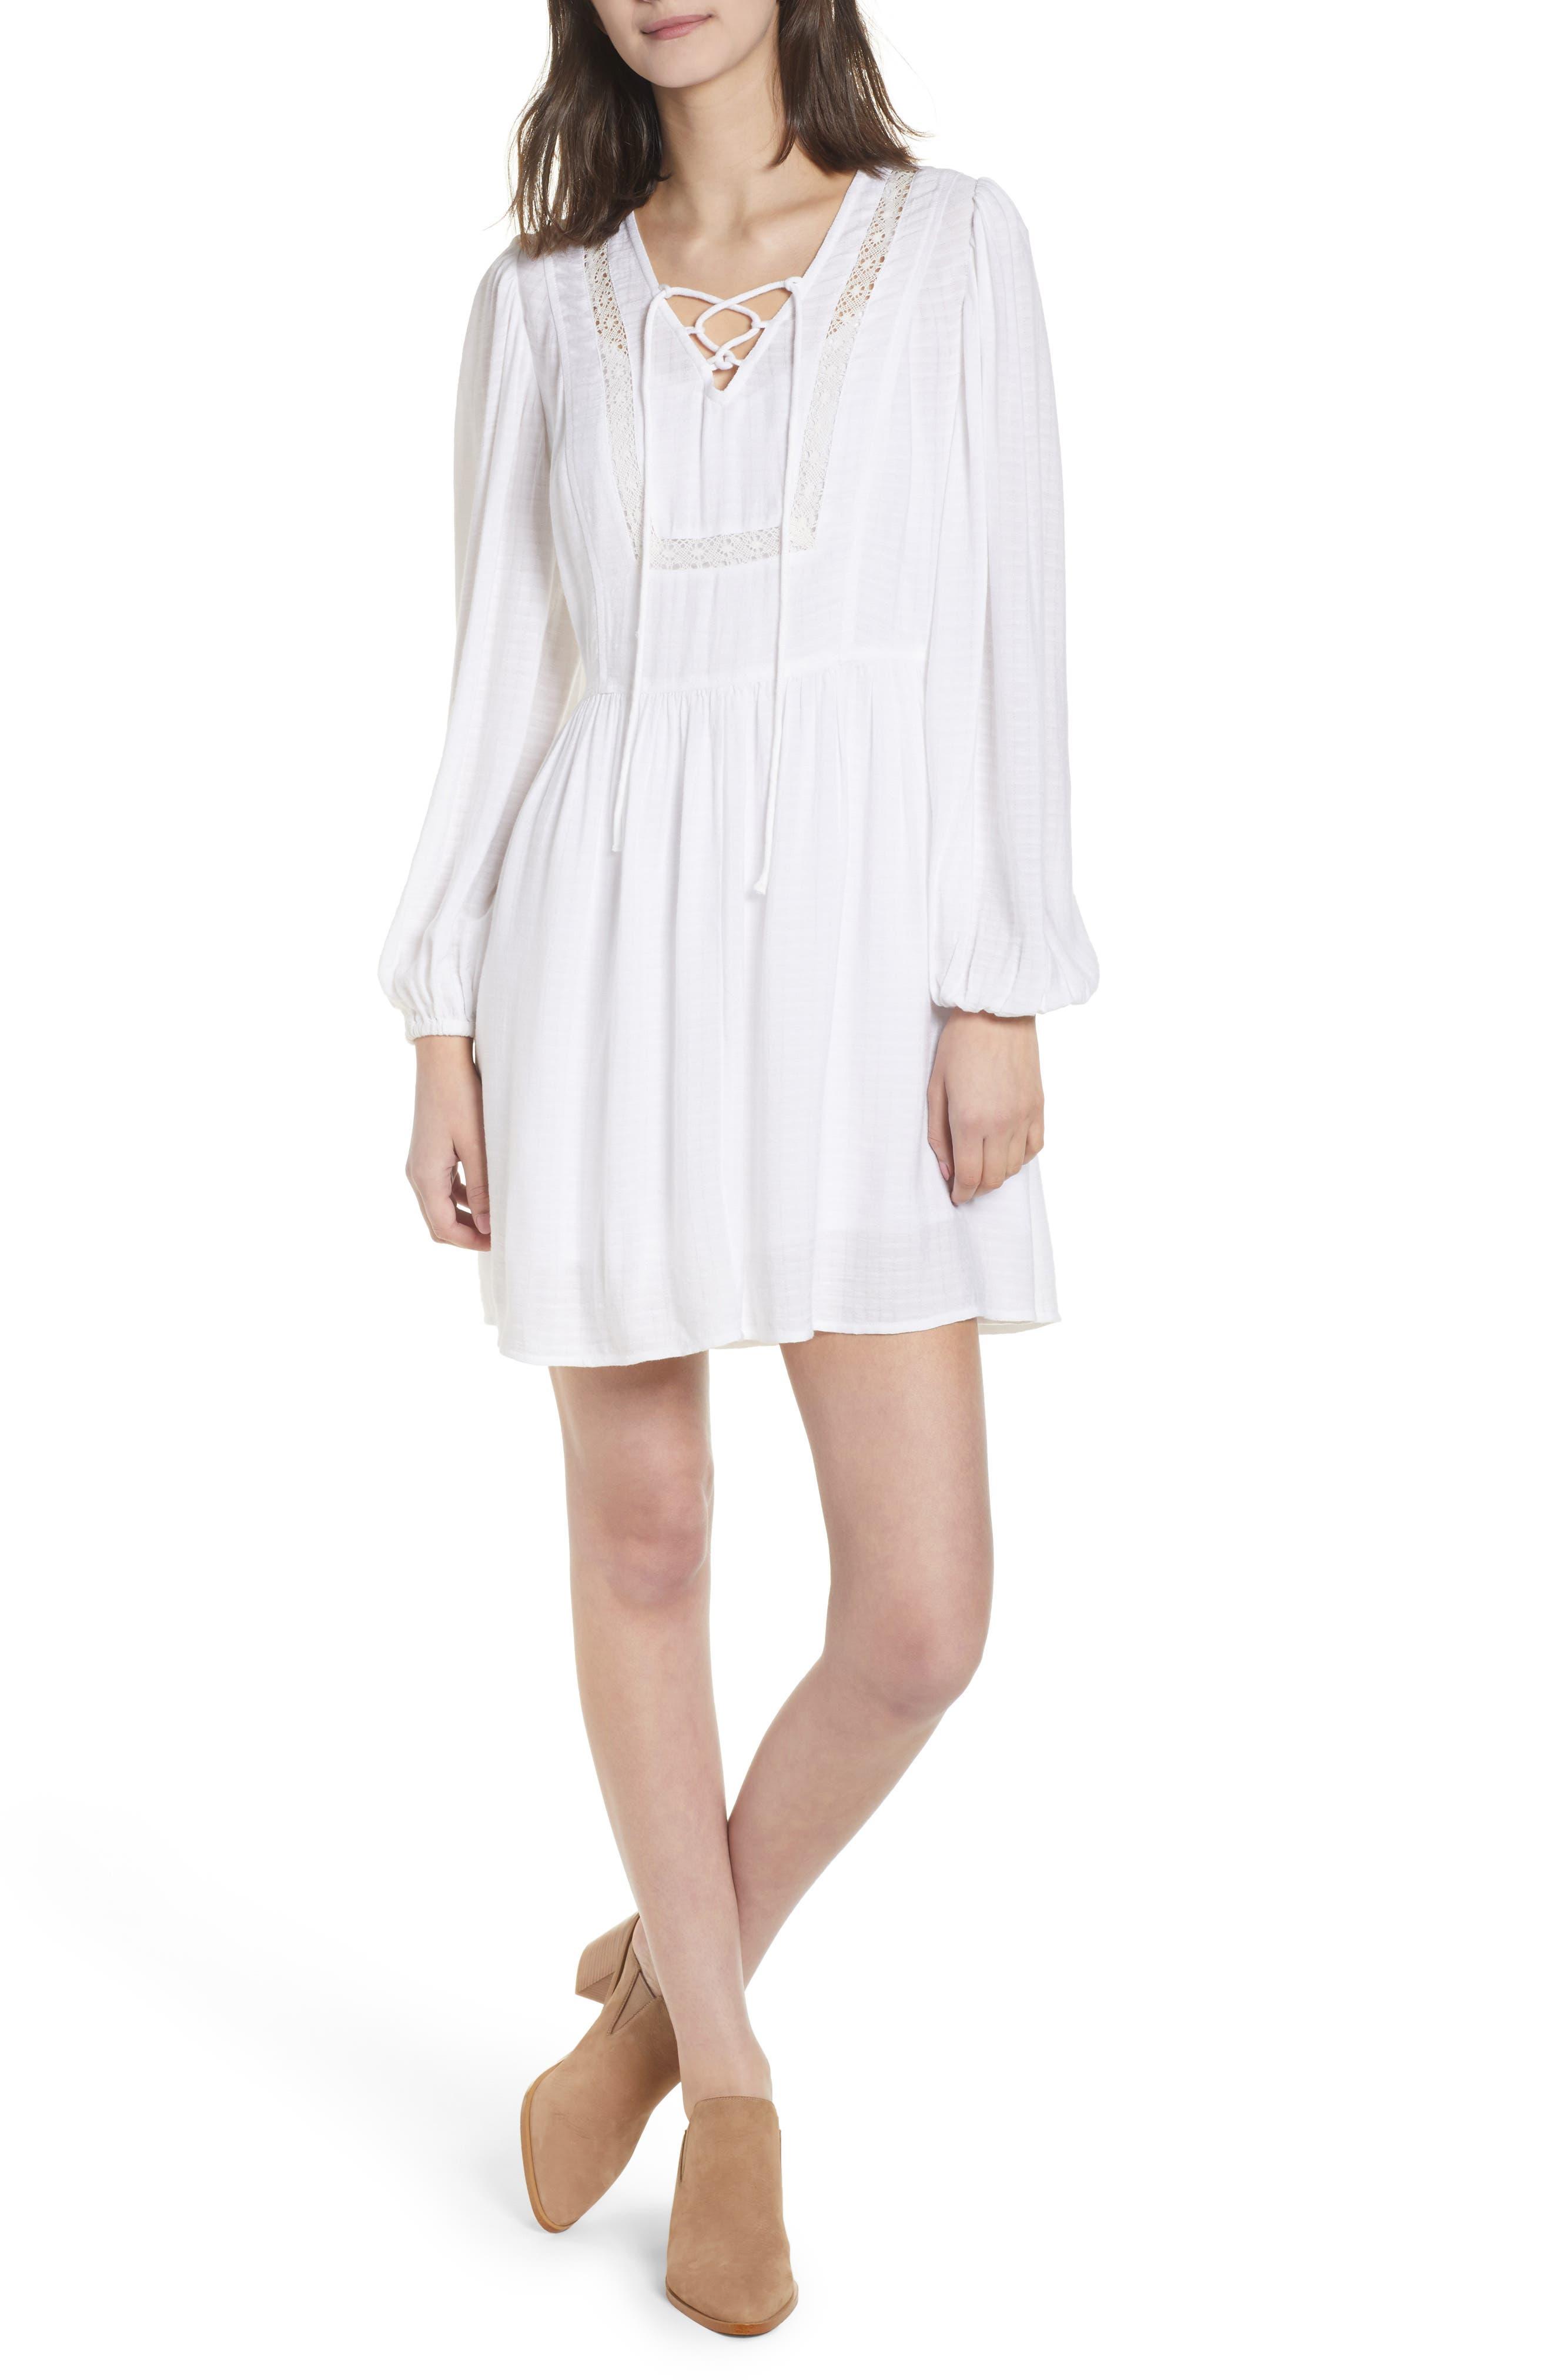 Hinge Lace-Up Dress